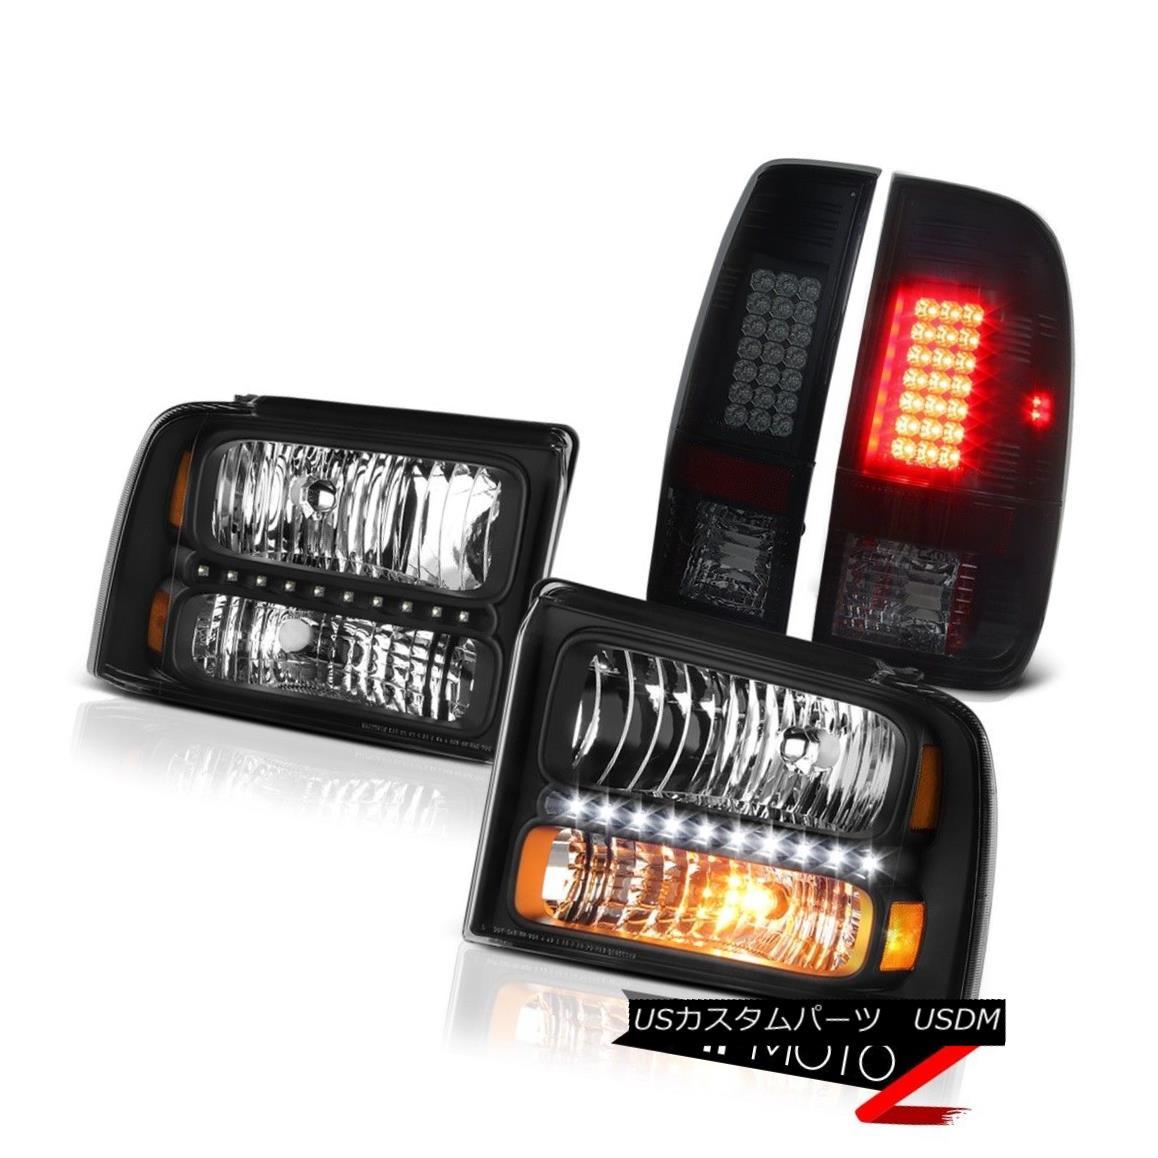 テールライト Satin Black Headlamps Rear Brake Tail Lights LED 2005 2006 2007 Ford SuperDuty サテンブラックヘッドランプリアブレーキテールライトLED 2005 2006 2007 Ford SuperDuty